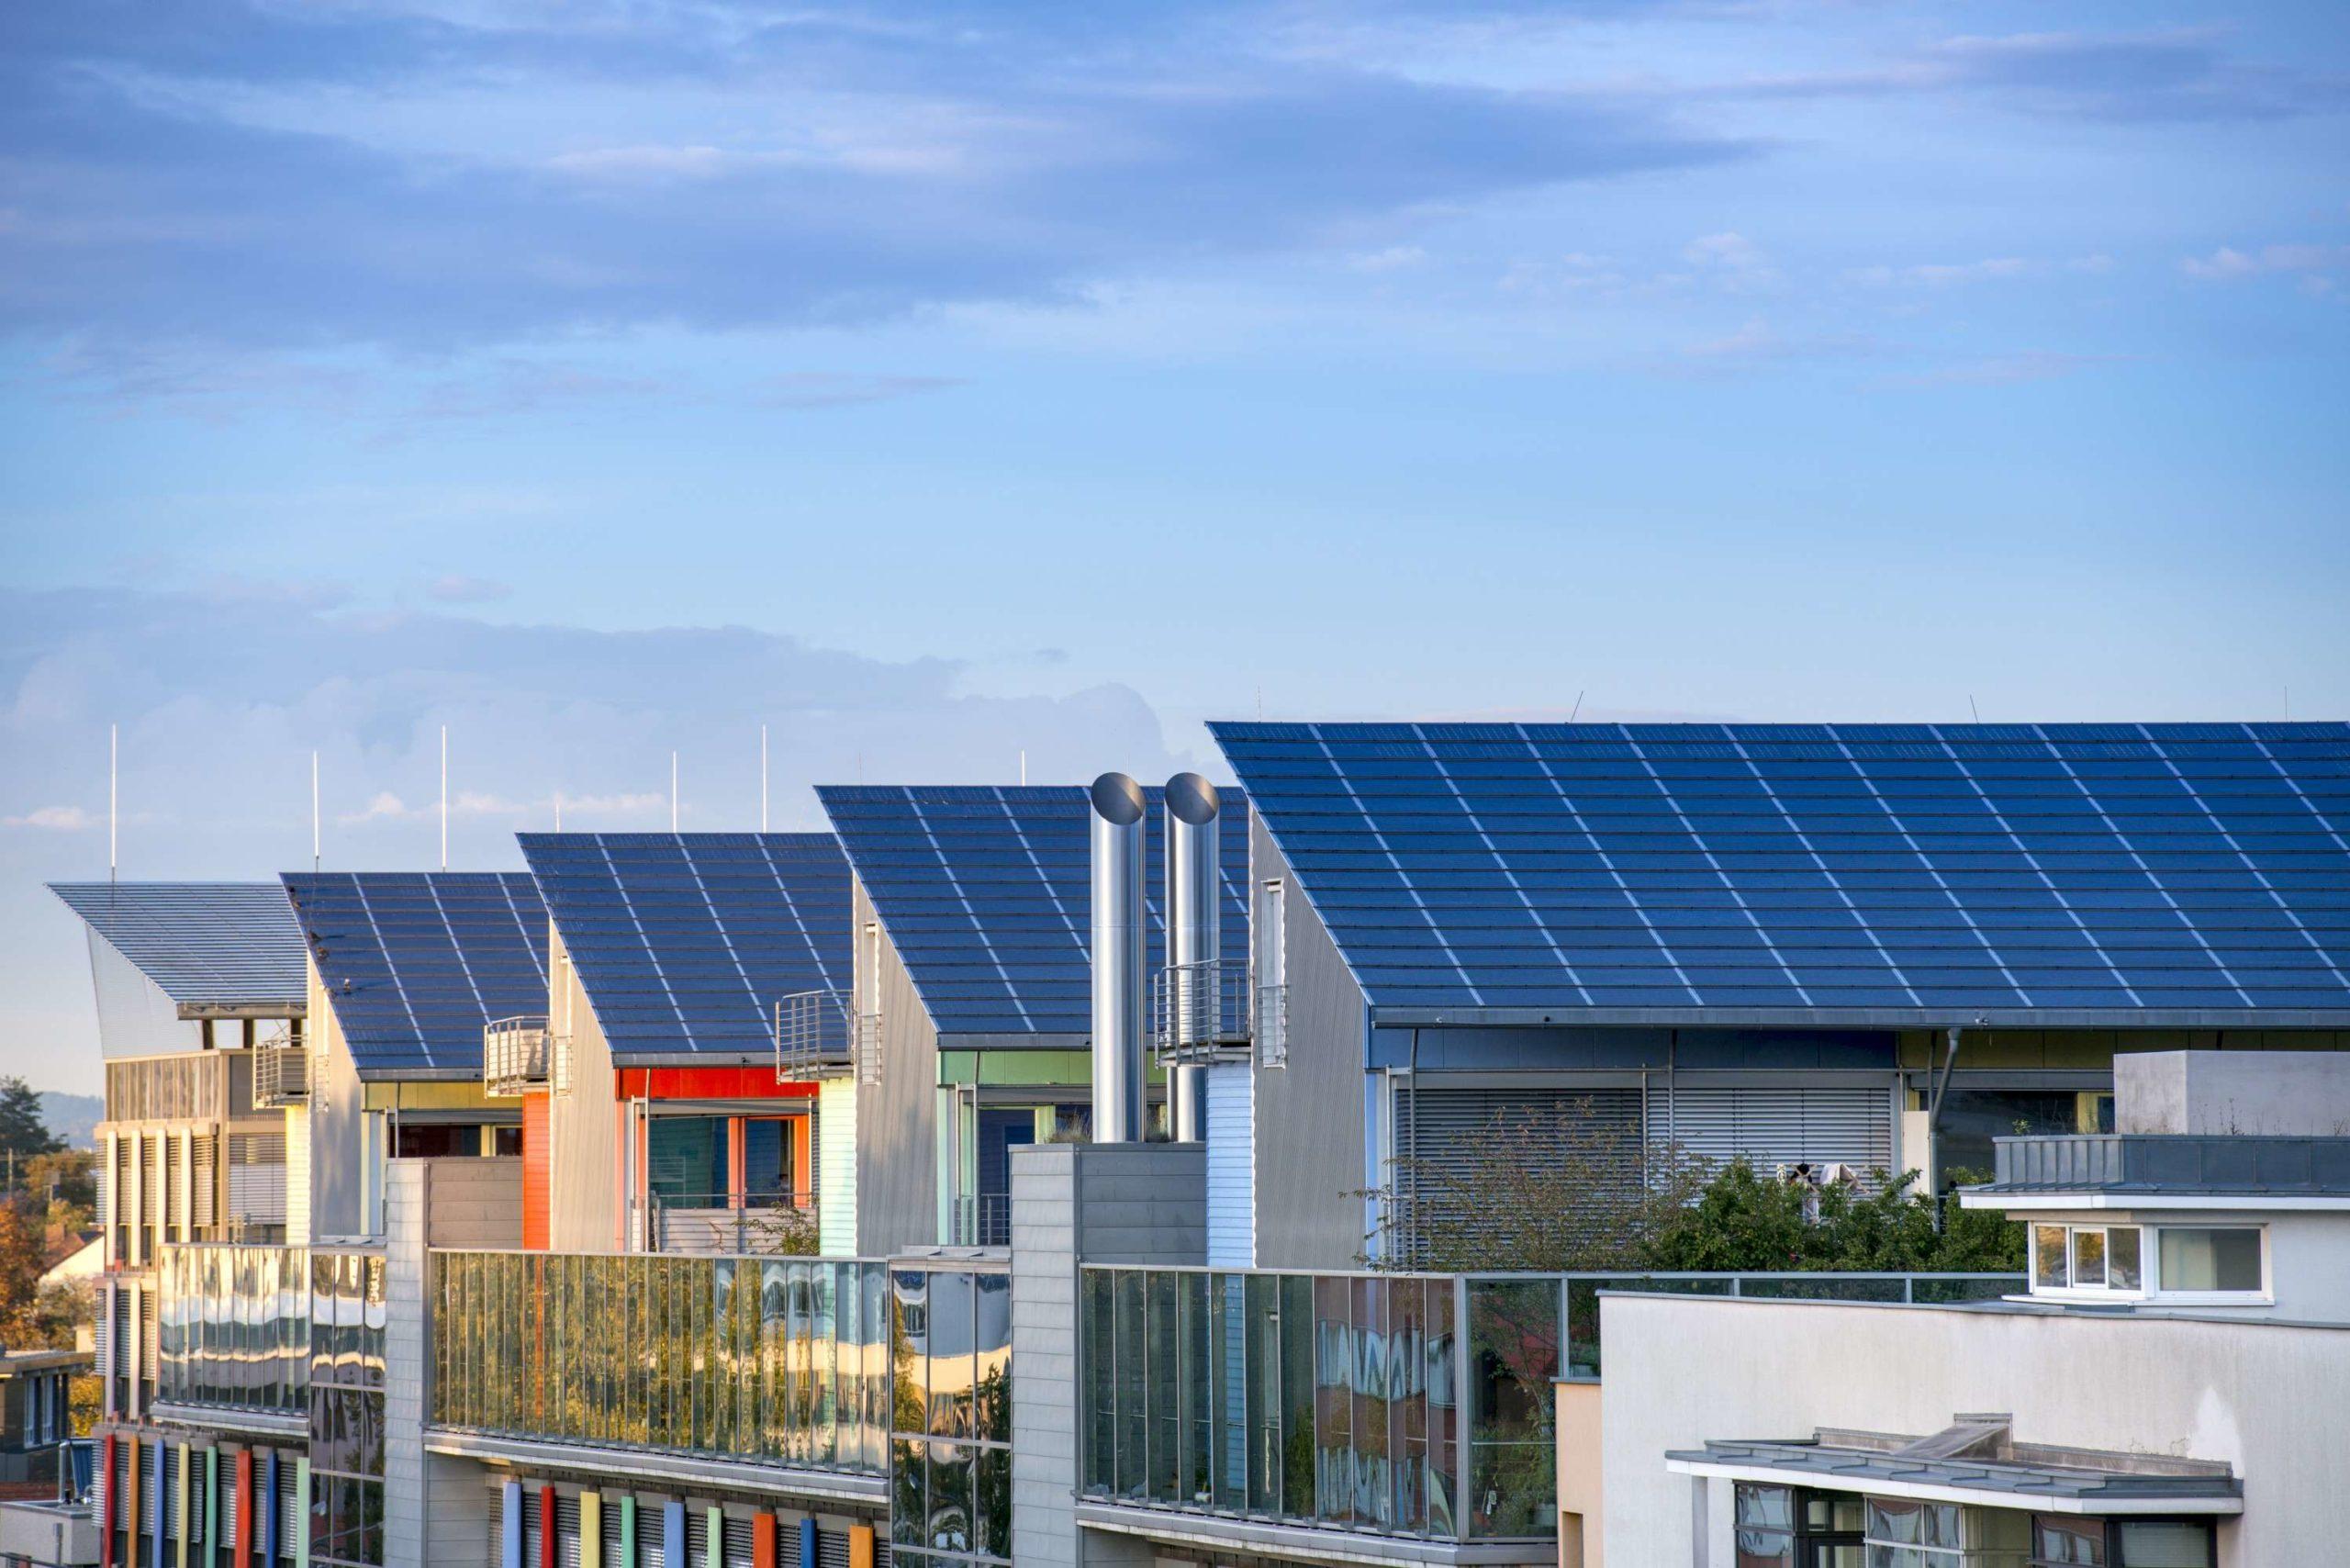 6 cidades sustentáveis e como elas aproveitam a energia solar!